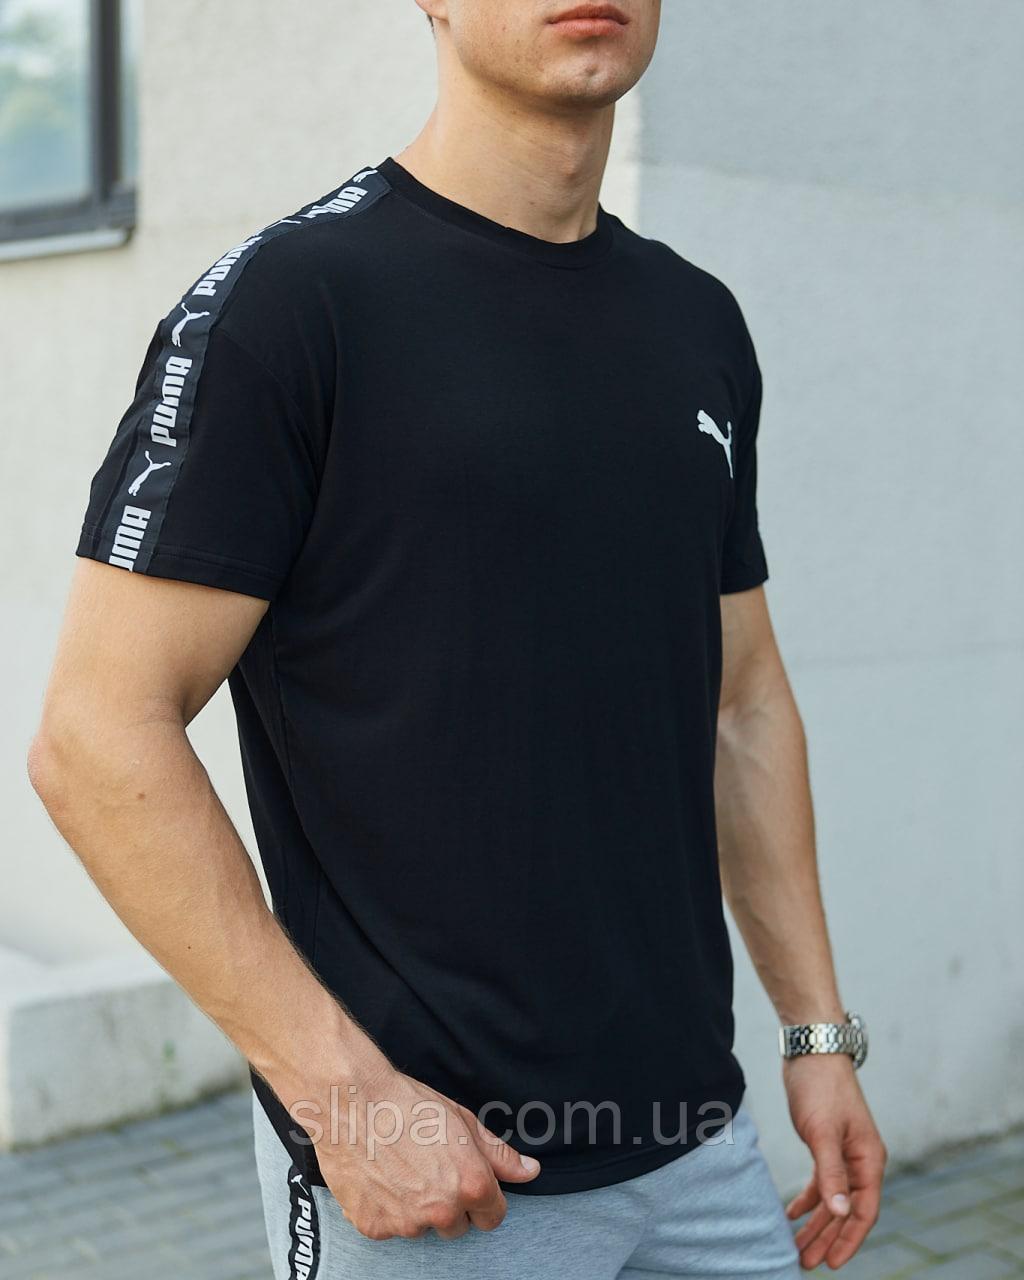 Чорна футболка Puma з лампасом чоловіча